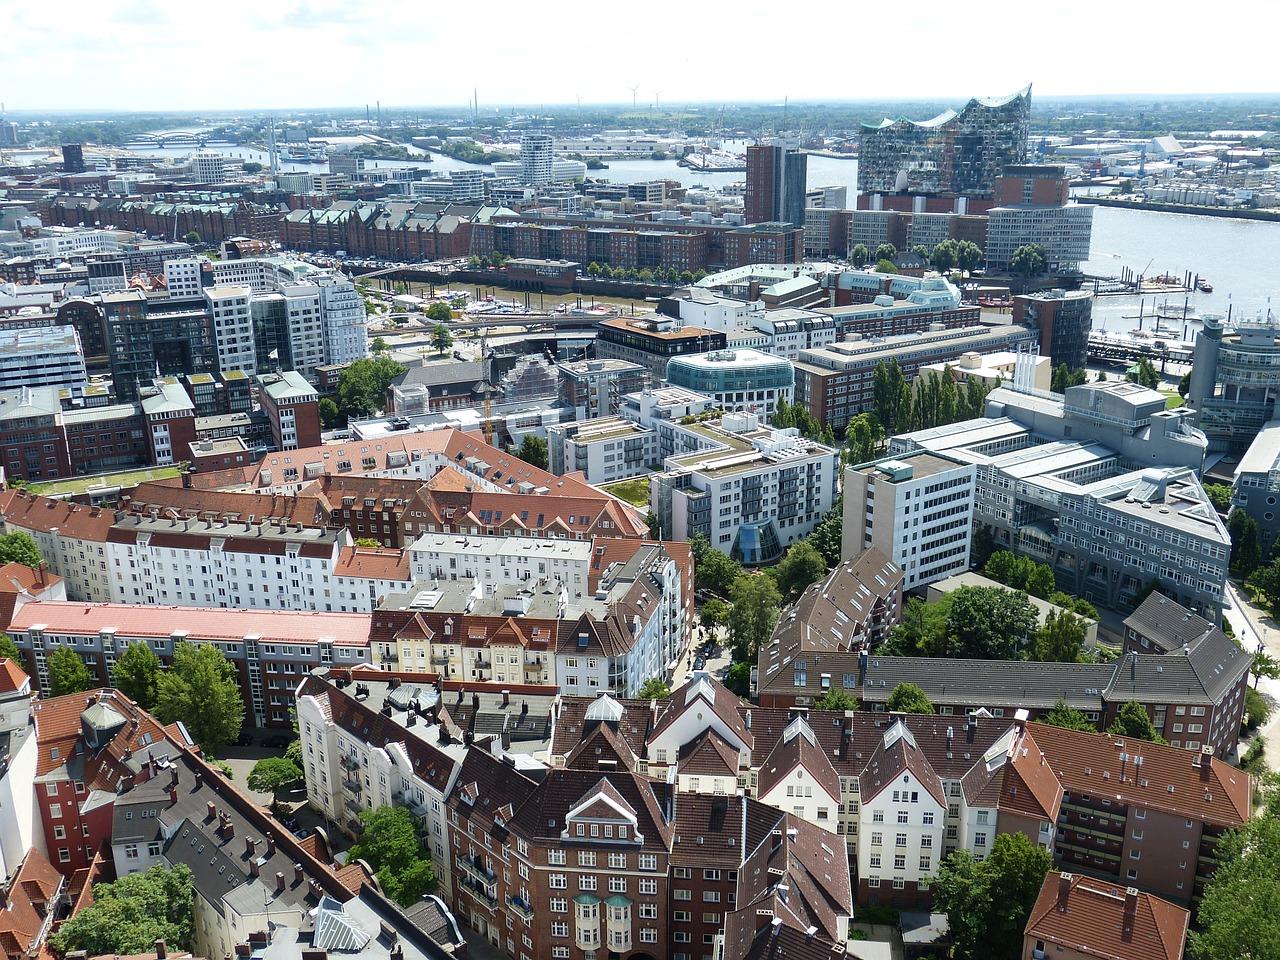 Flüge nach Hamburg